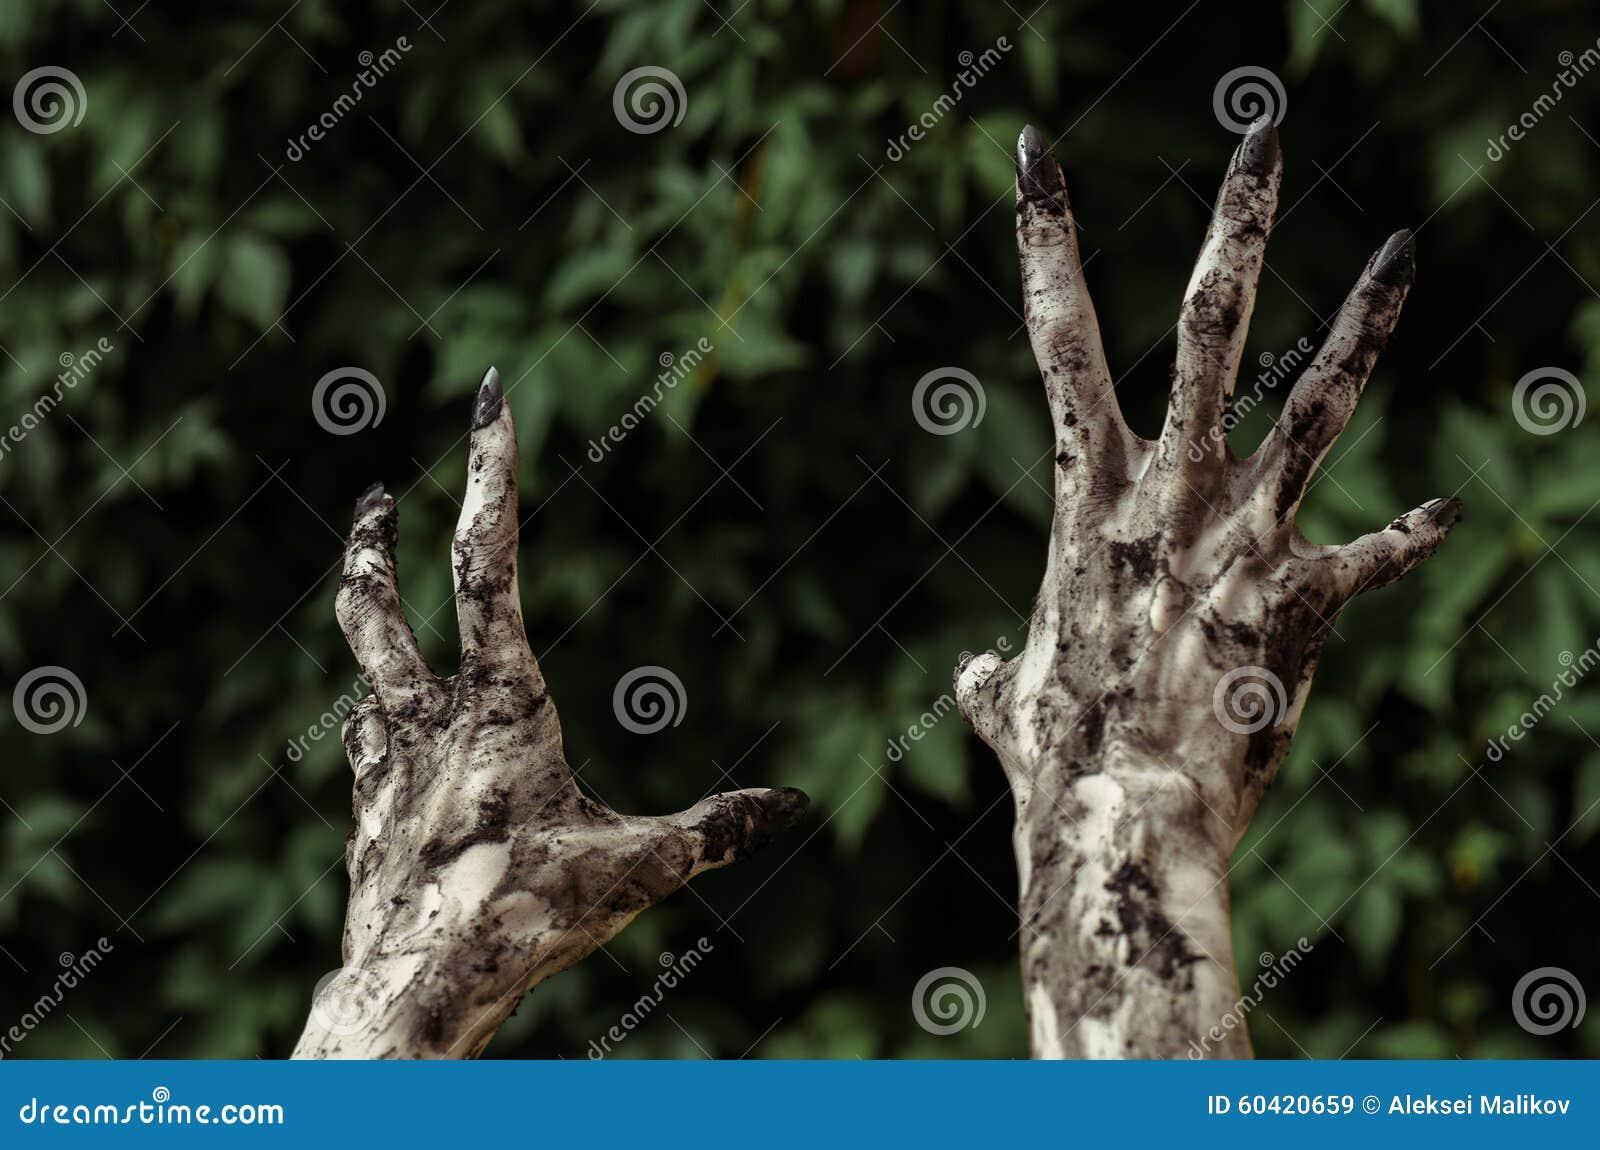 恐怖和万圣夜题材:可怕的蛇神手肮脏与黑钉子为绿色叶子,走的死的启示到达,最初